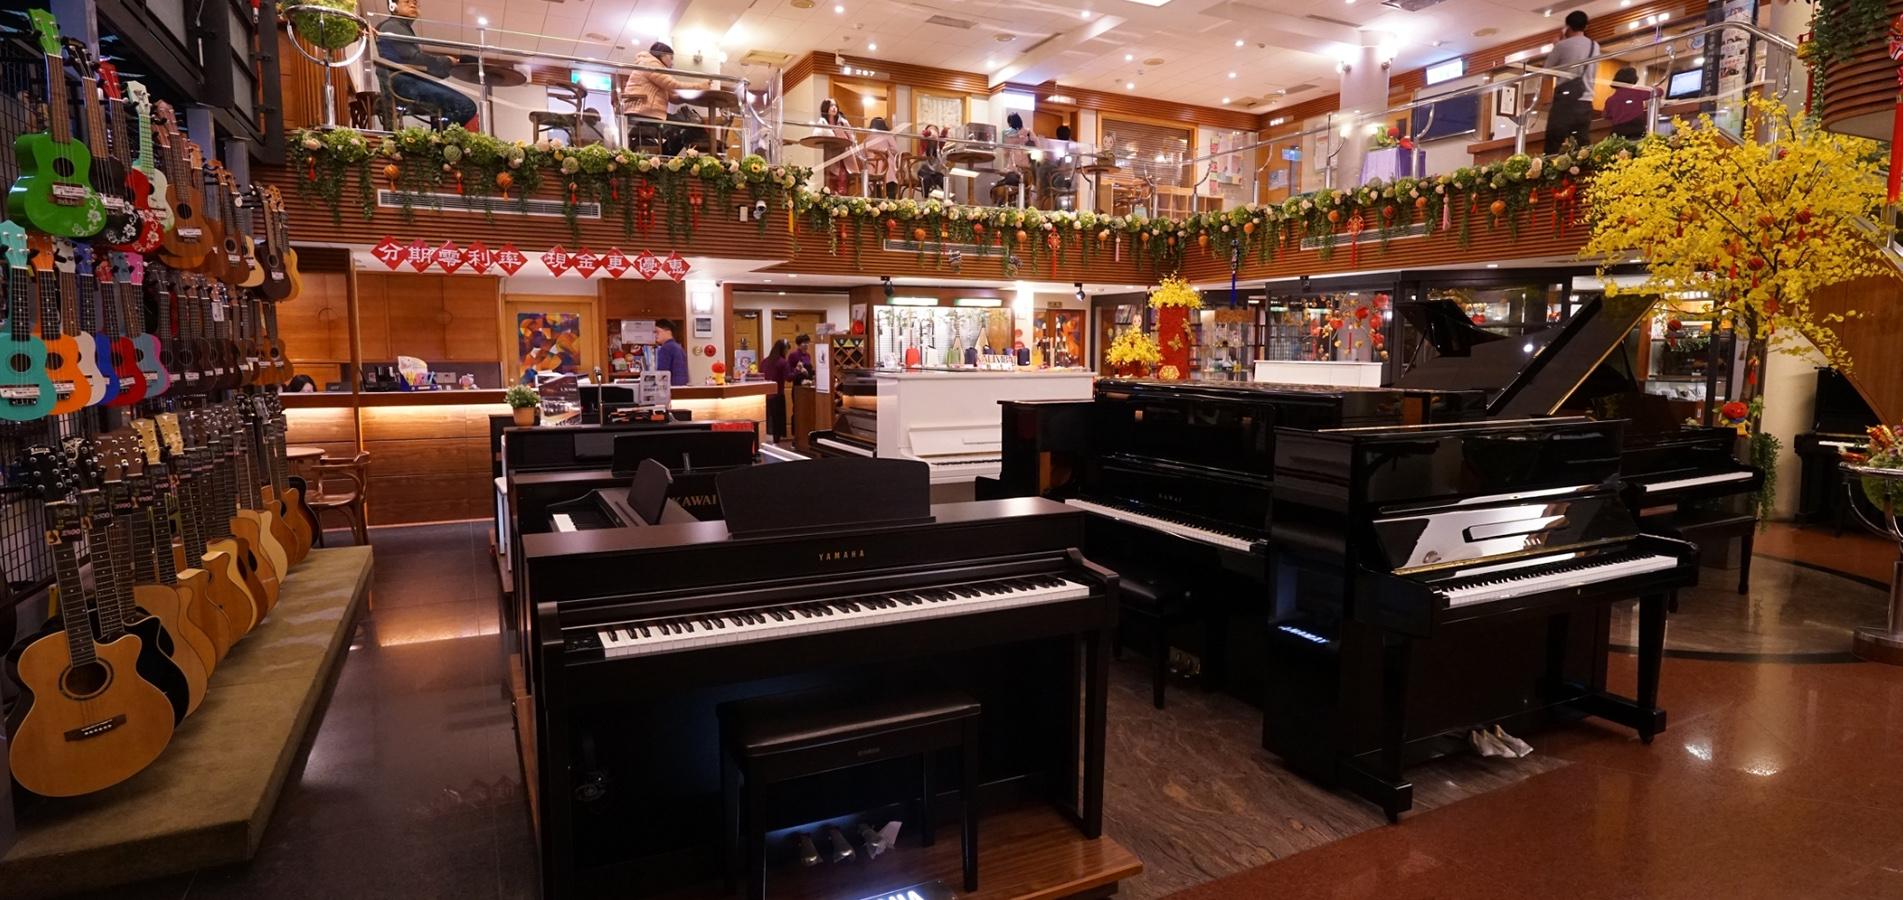 鋼琴展示空間